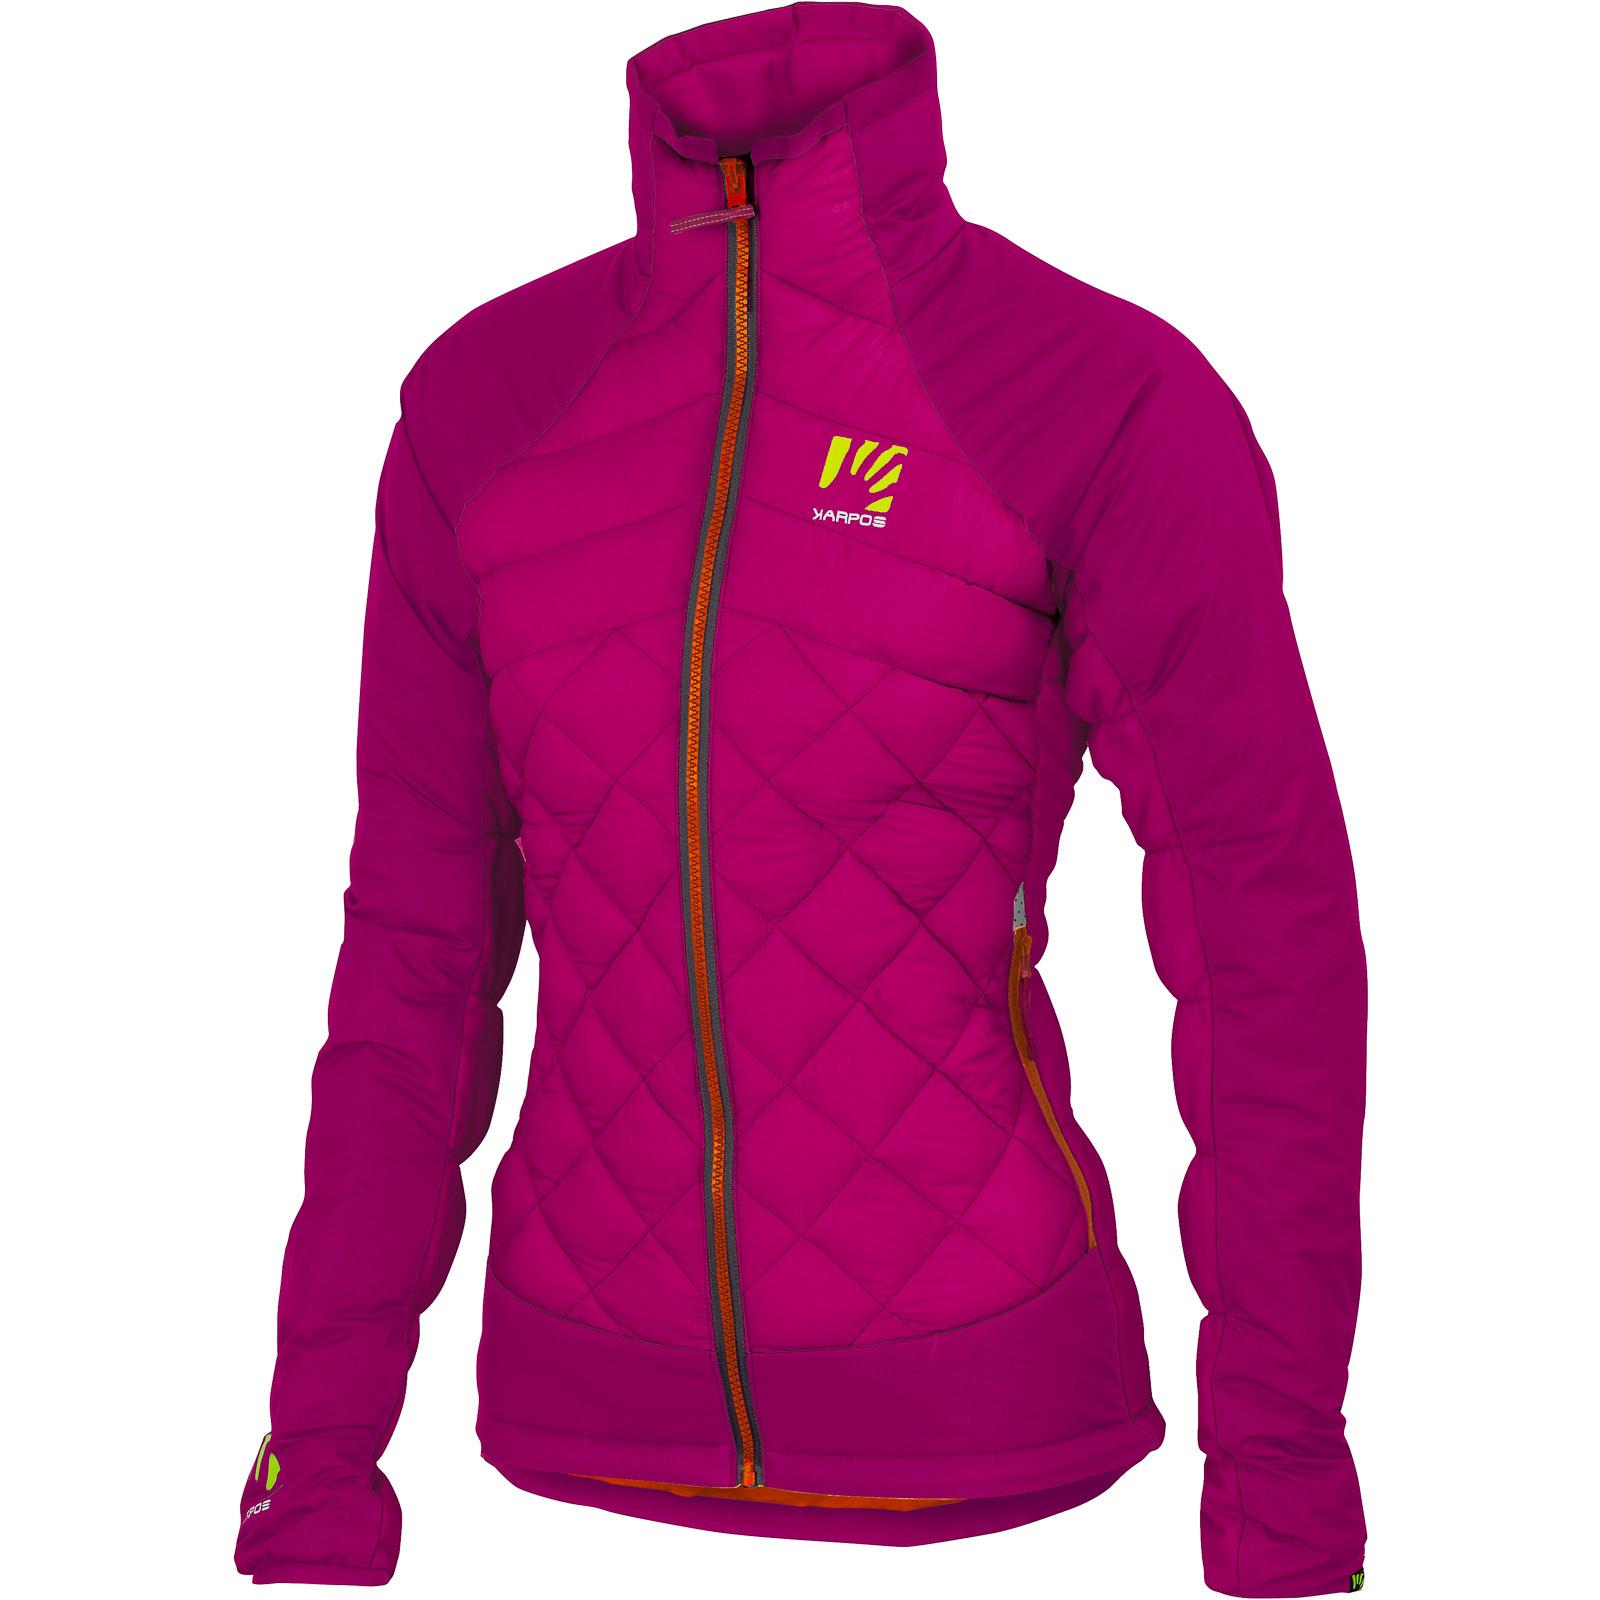 Karpos Lastei Active dámska zimná bunda tmavoružová 5990bed24d1